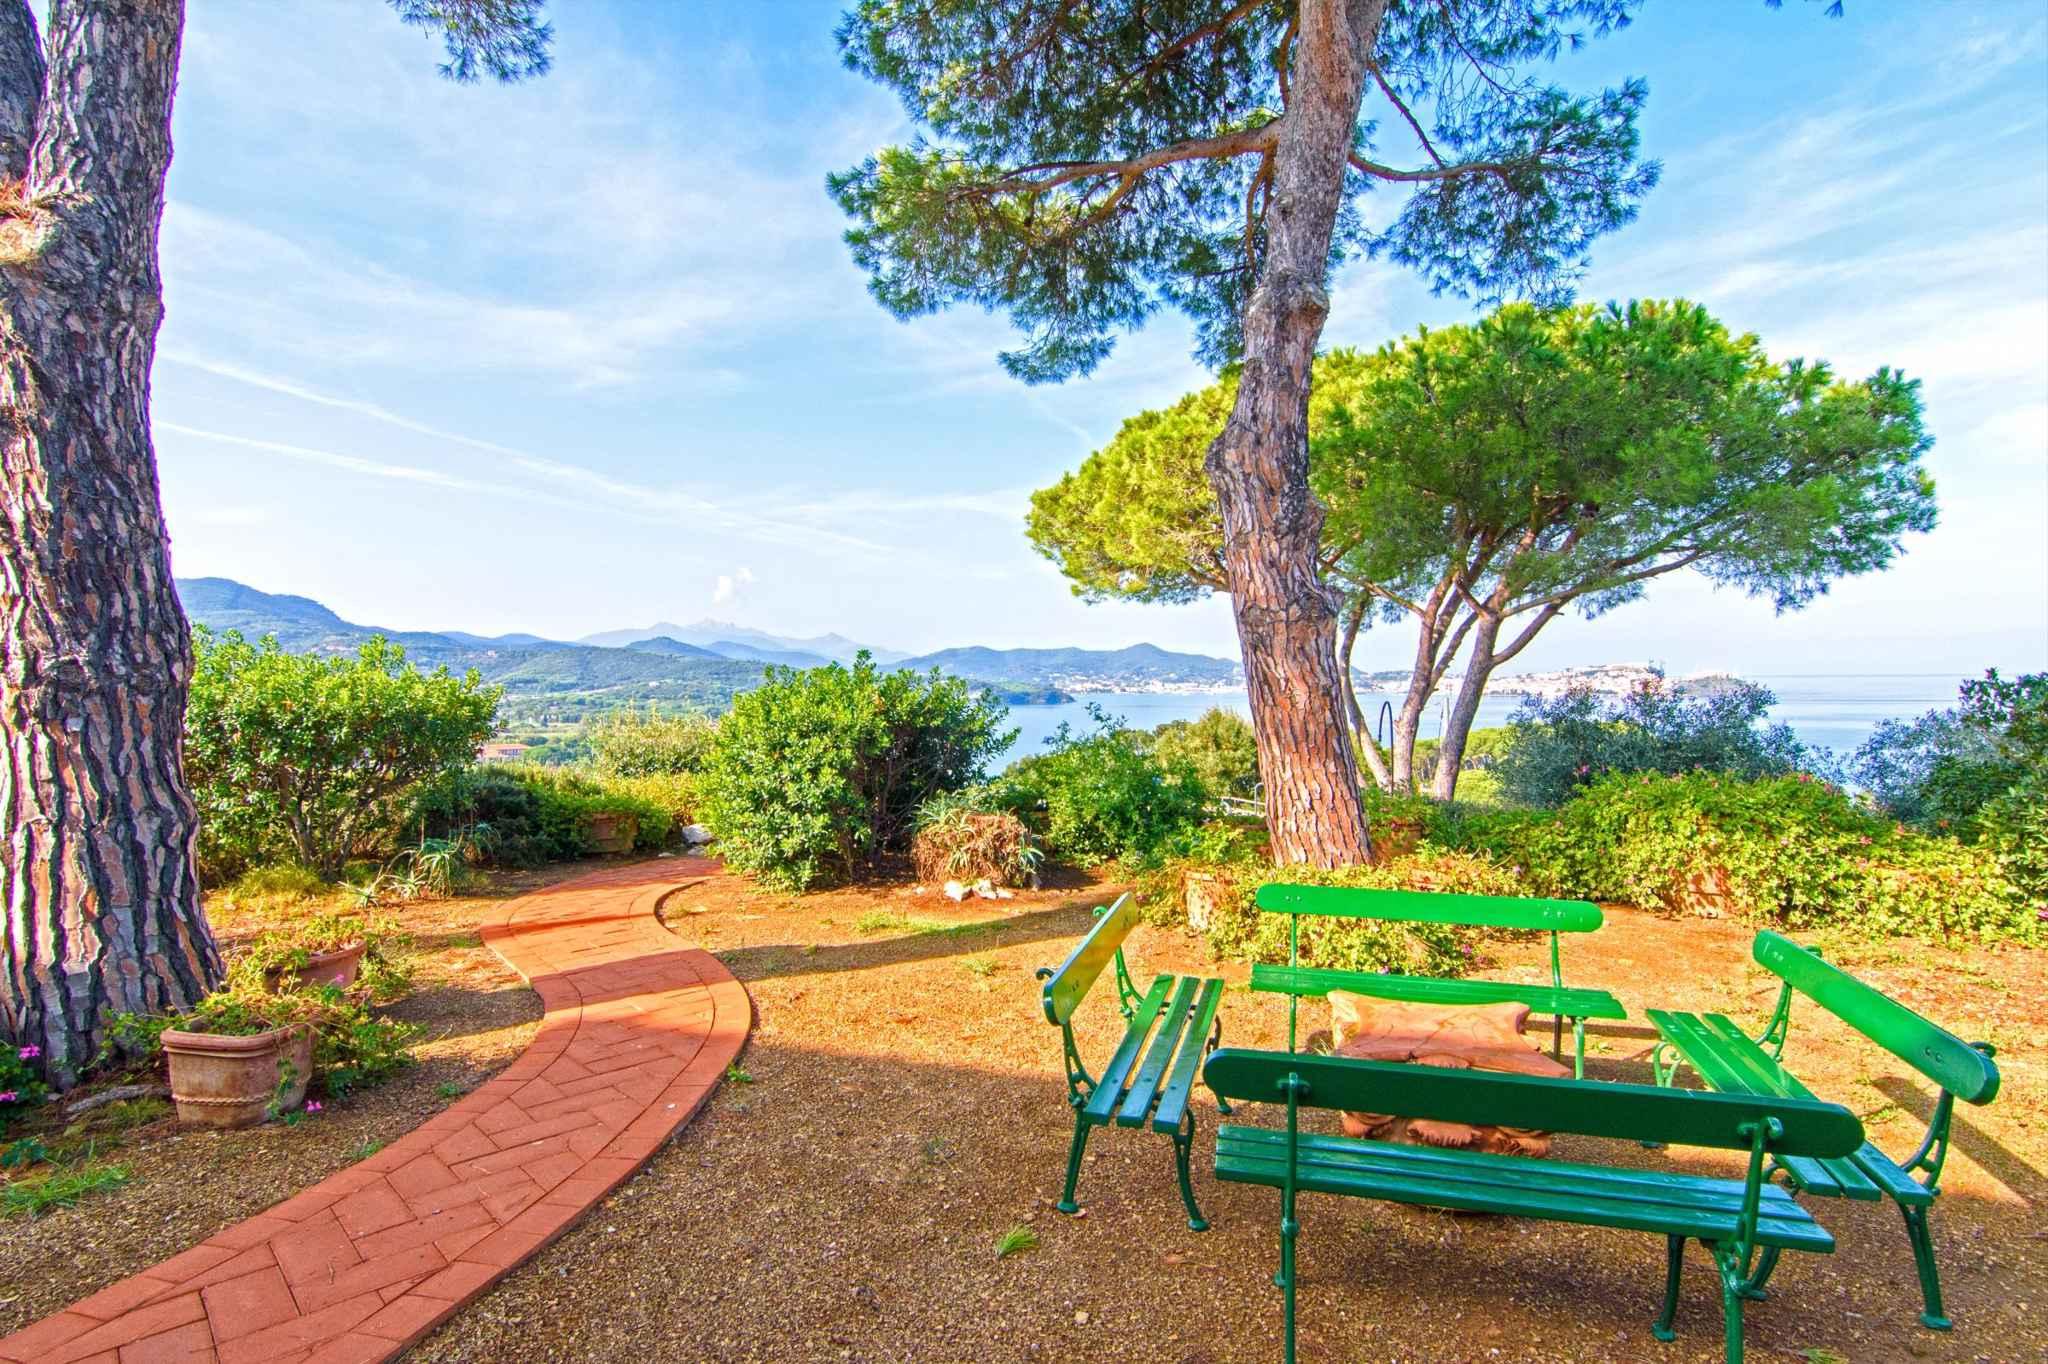 Ferienhaus Villa mit Whirlpool und Grillmöglichkeit (760810), Portoferraio, Elba, Toskana, Italien, Bild 8